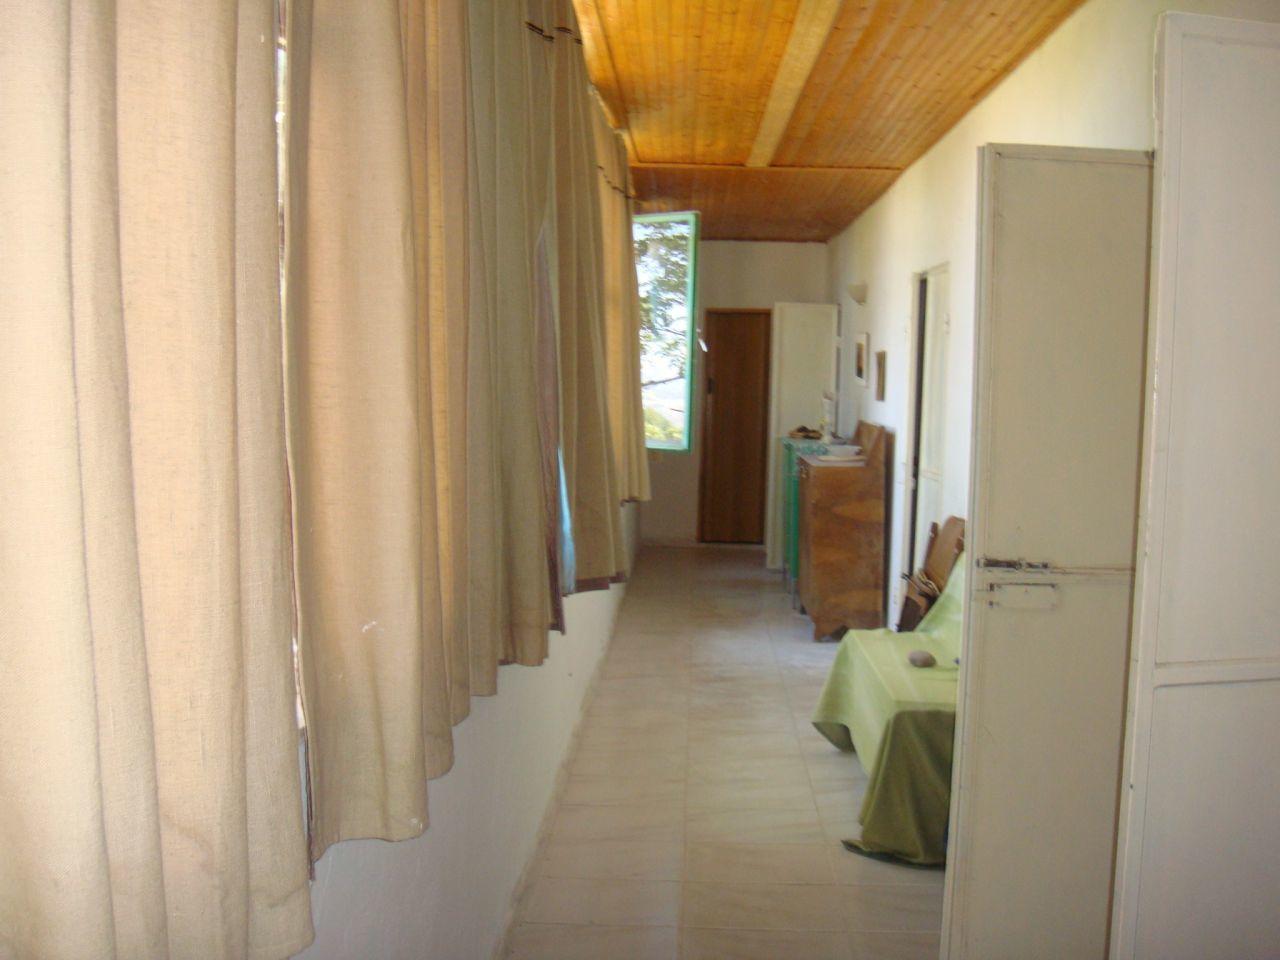 Appartamento in vendita a Bova, 3 locali, prezzo € 25.000 | Cambio Casa.it